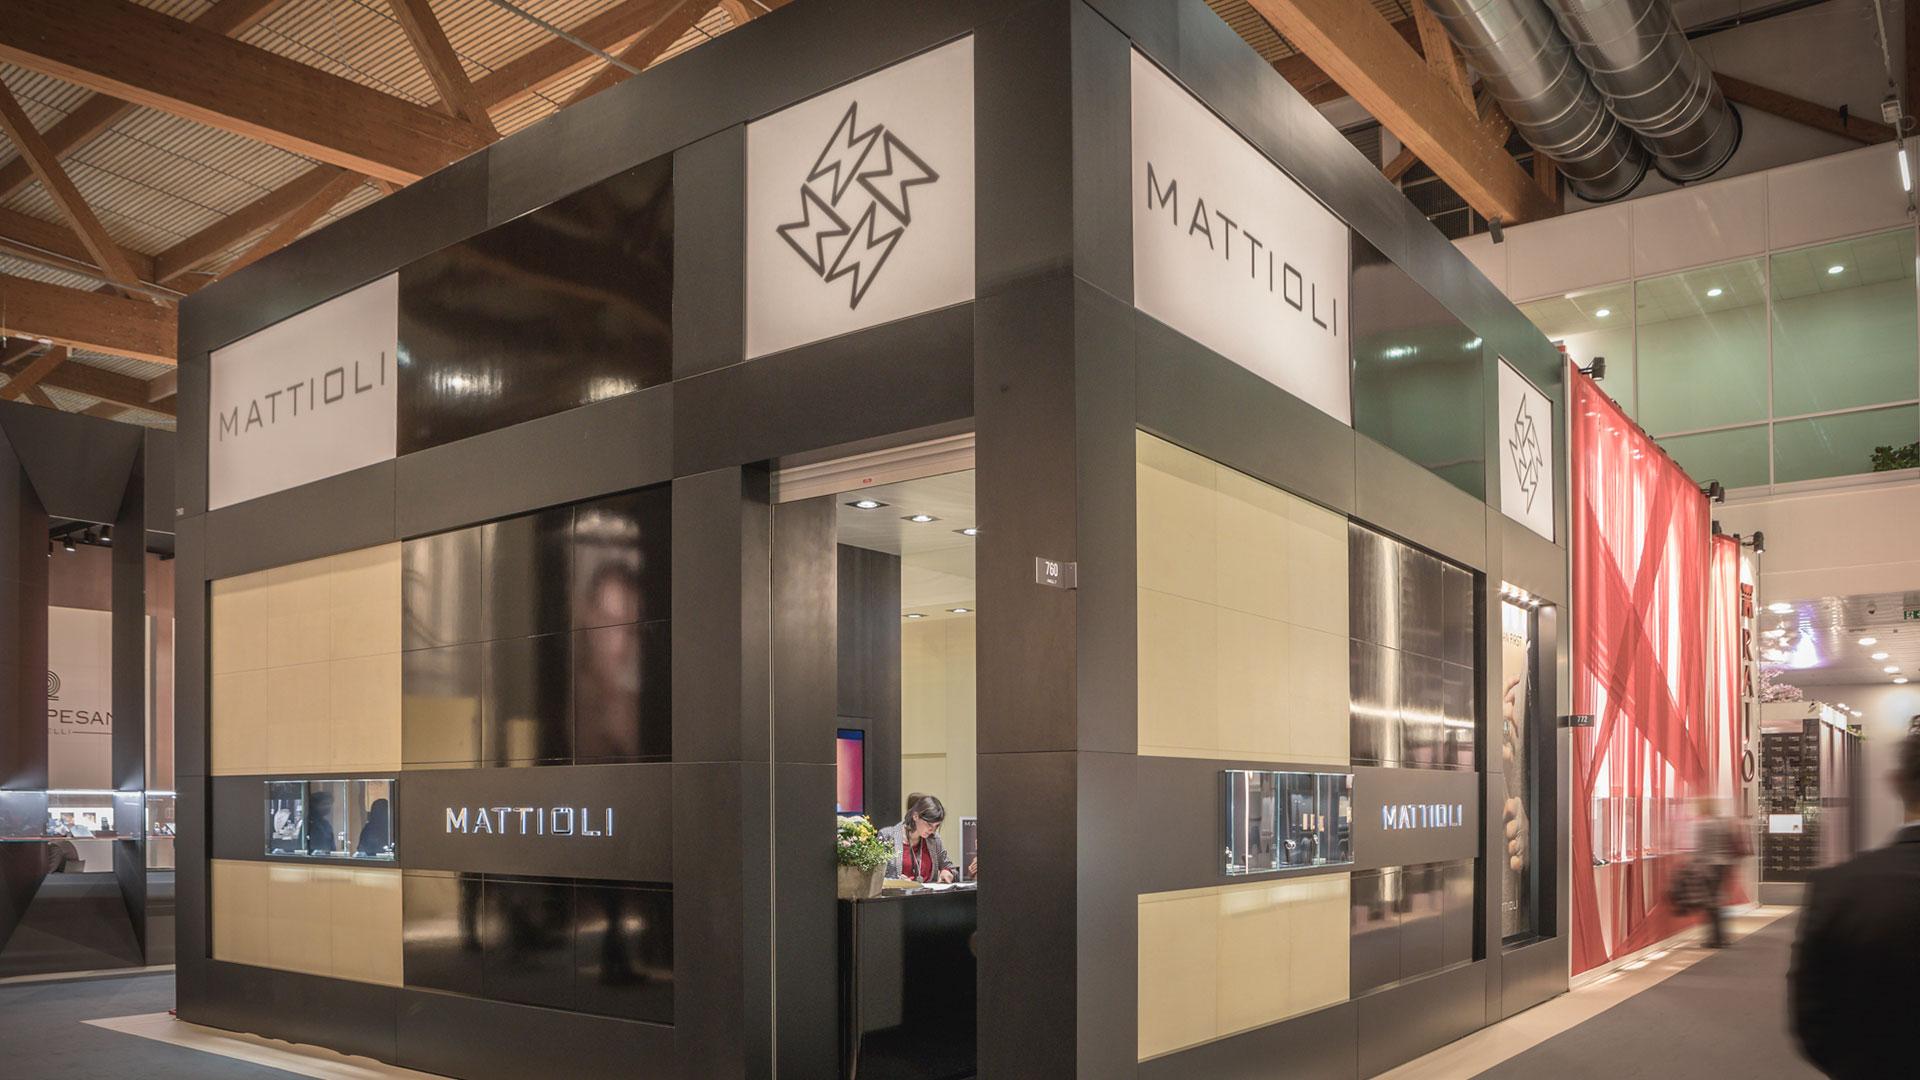 Realizzazione stand fiere VicenzaOro - Mattioli | Foster Allestimenti 08